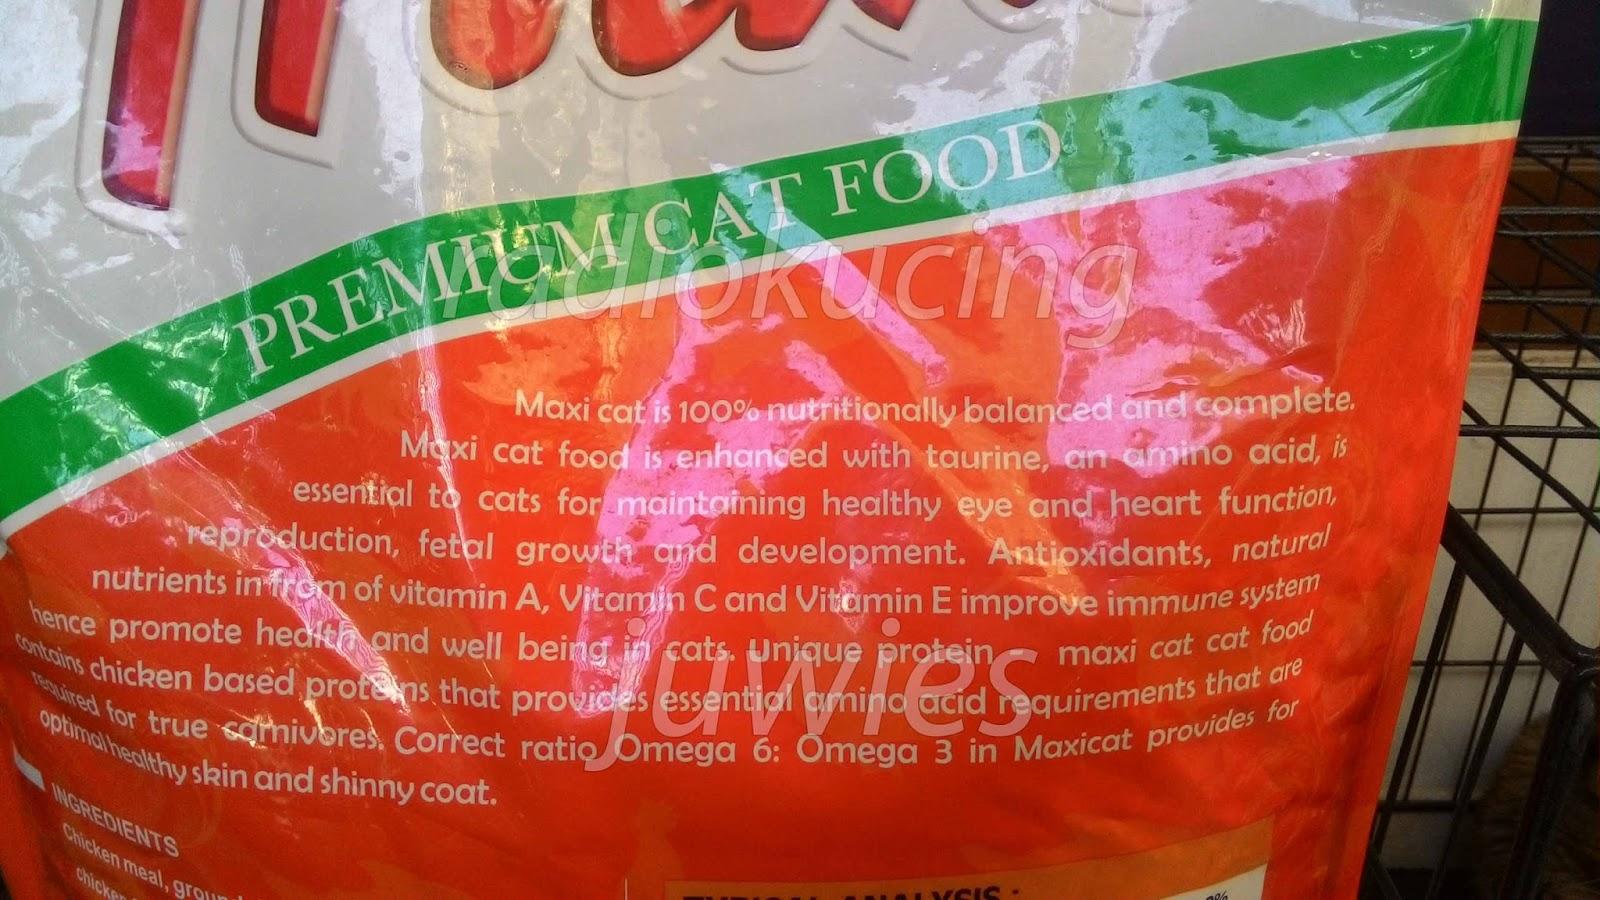 Review Makanan Kucing Maxi Premium Cat Food Repack Chicken And Tuna 500 Gram Diperkaya Juga Dengan L Lysine Yang Bermanfaat Untuk Kekebalan Tubuh Dan Merangsang Nafsu Makan